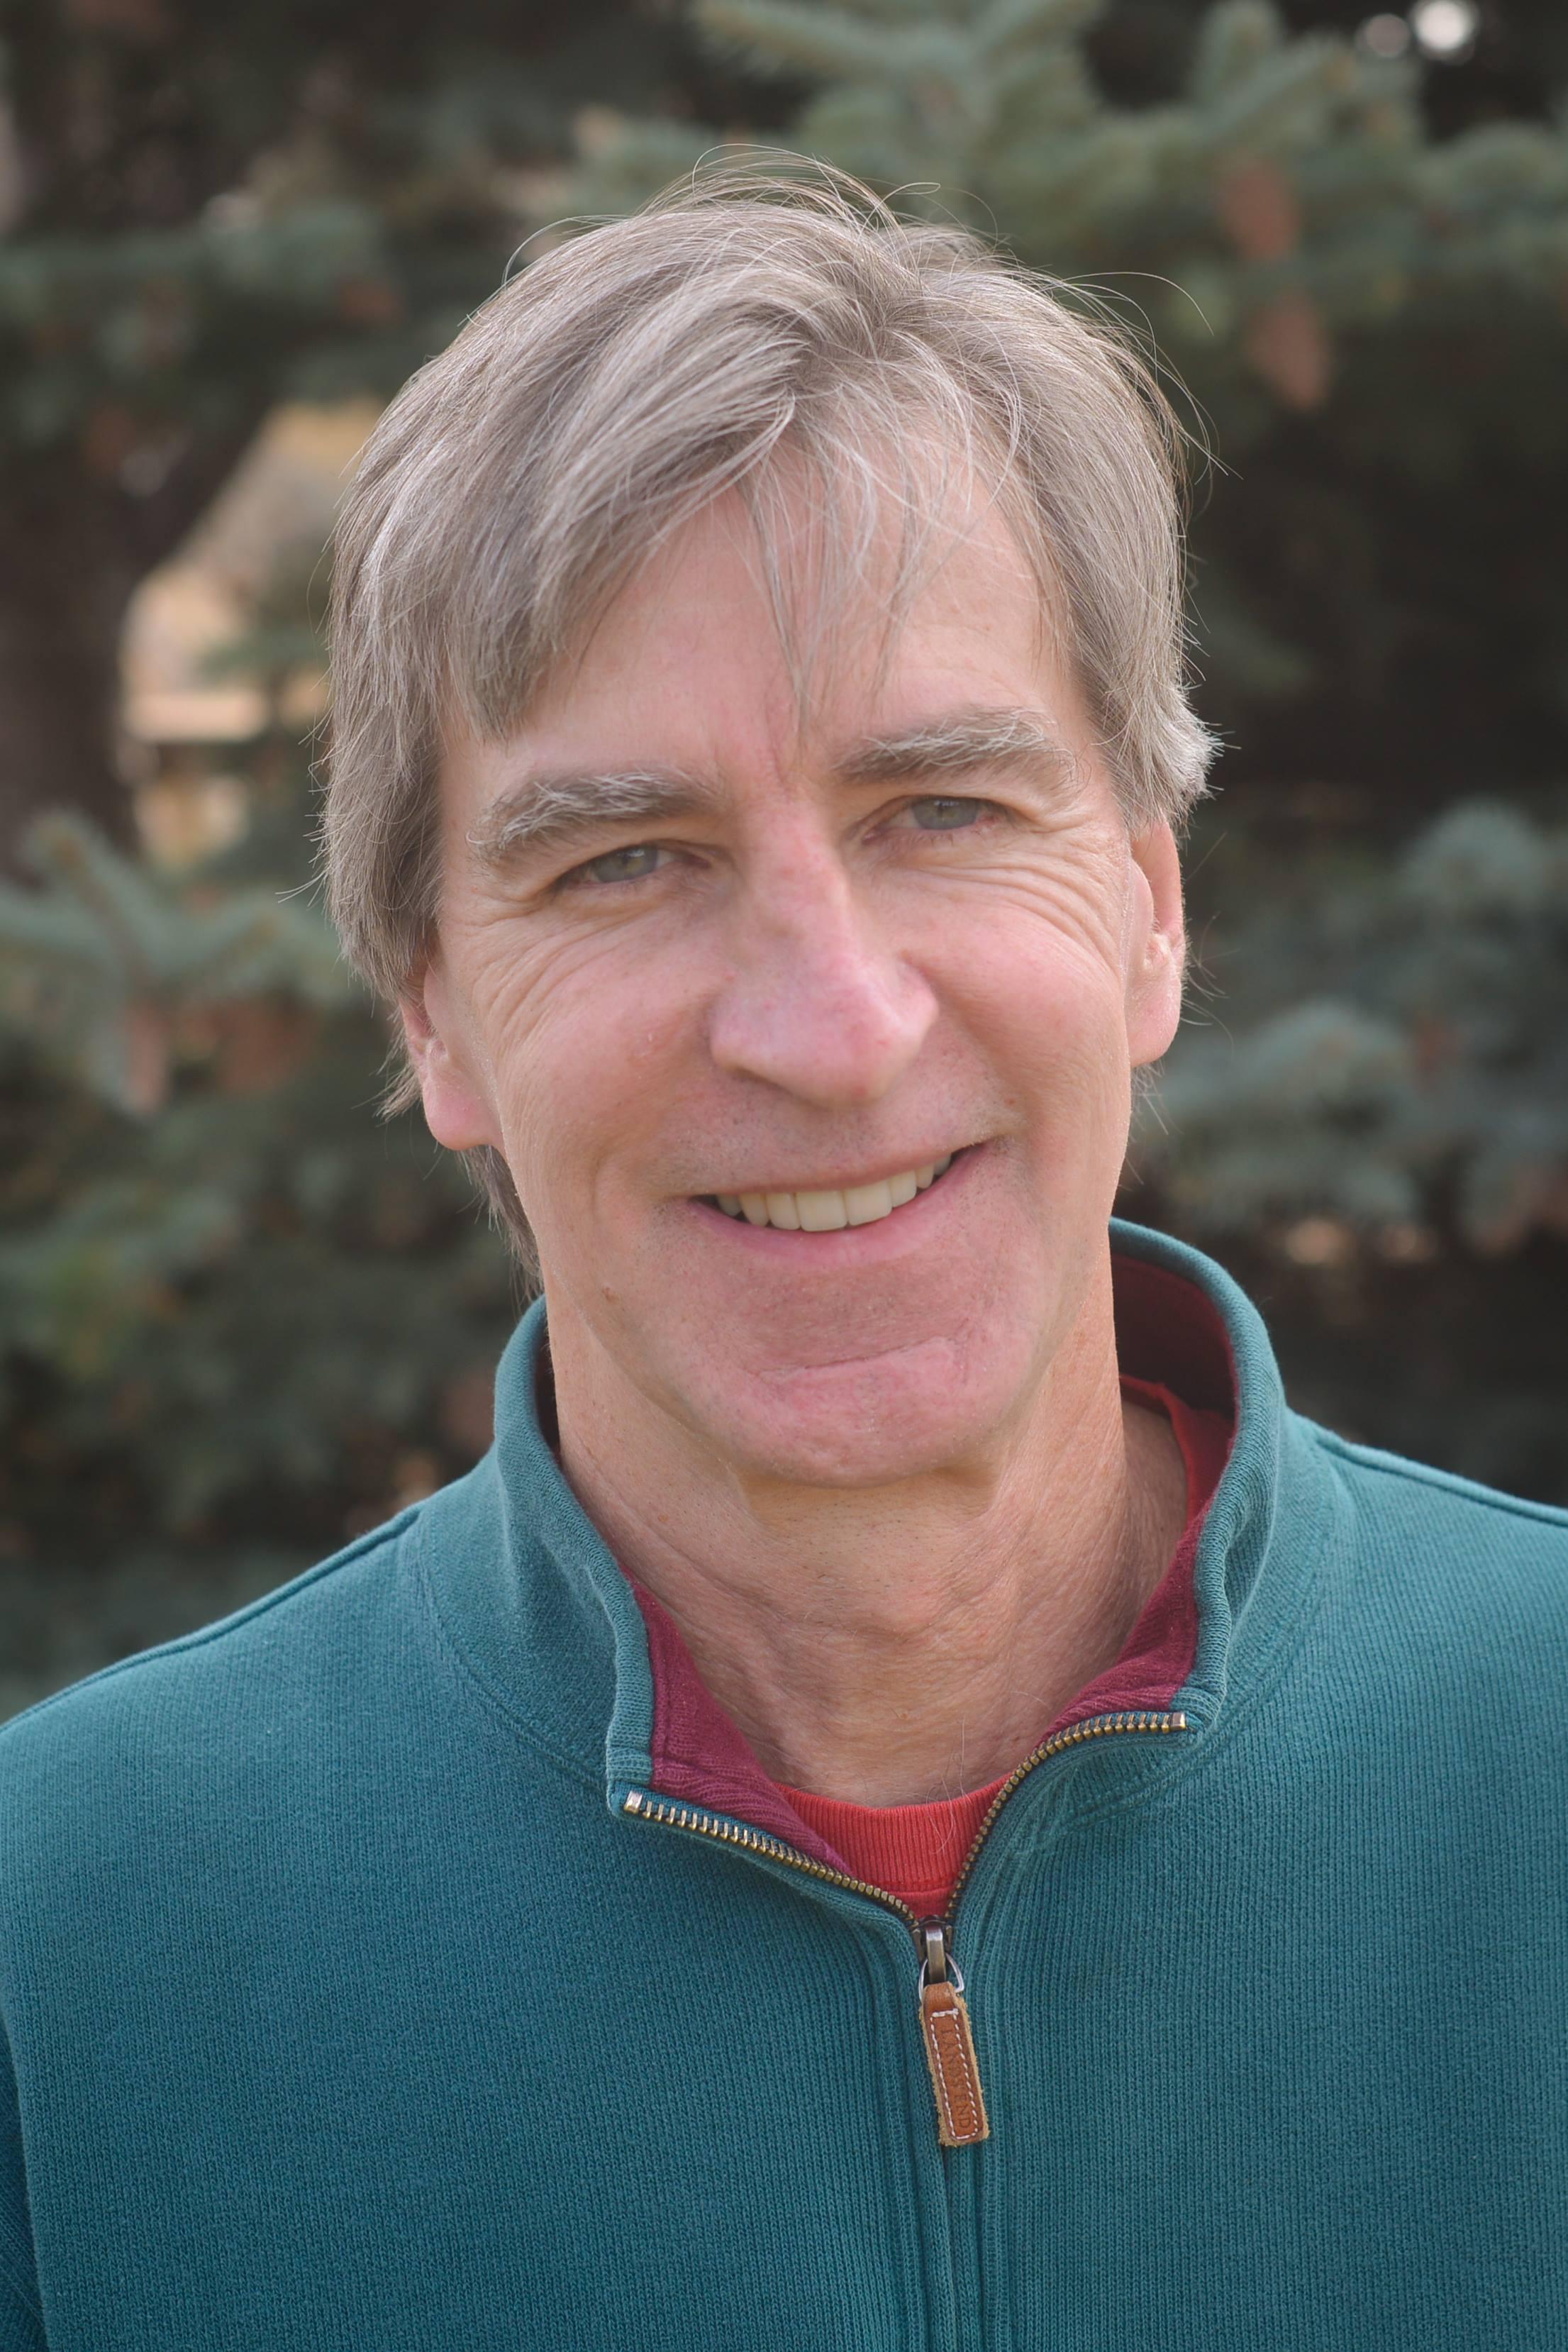 Tom Stem